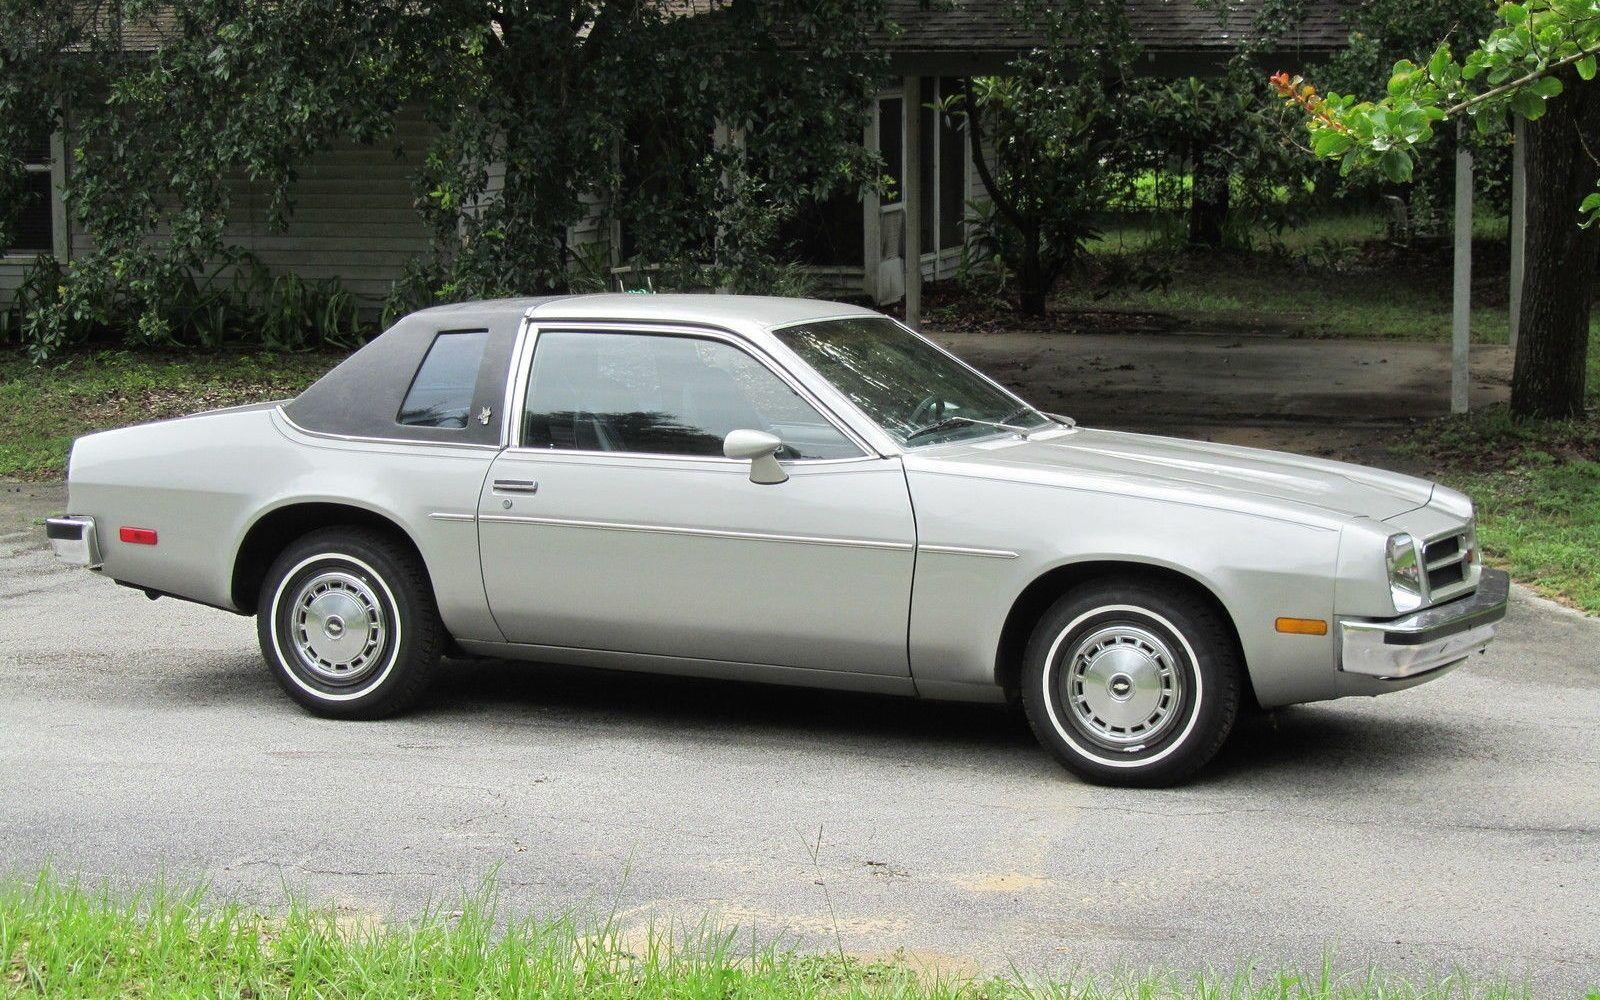 3 500 Monza 1980 Chevrolet Monza Towne Coupe Chevrolet Monza